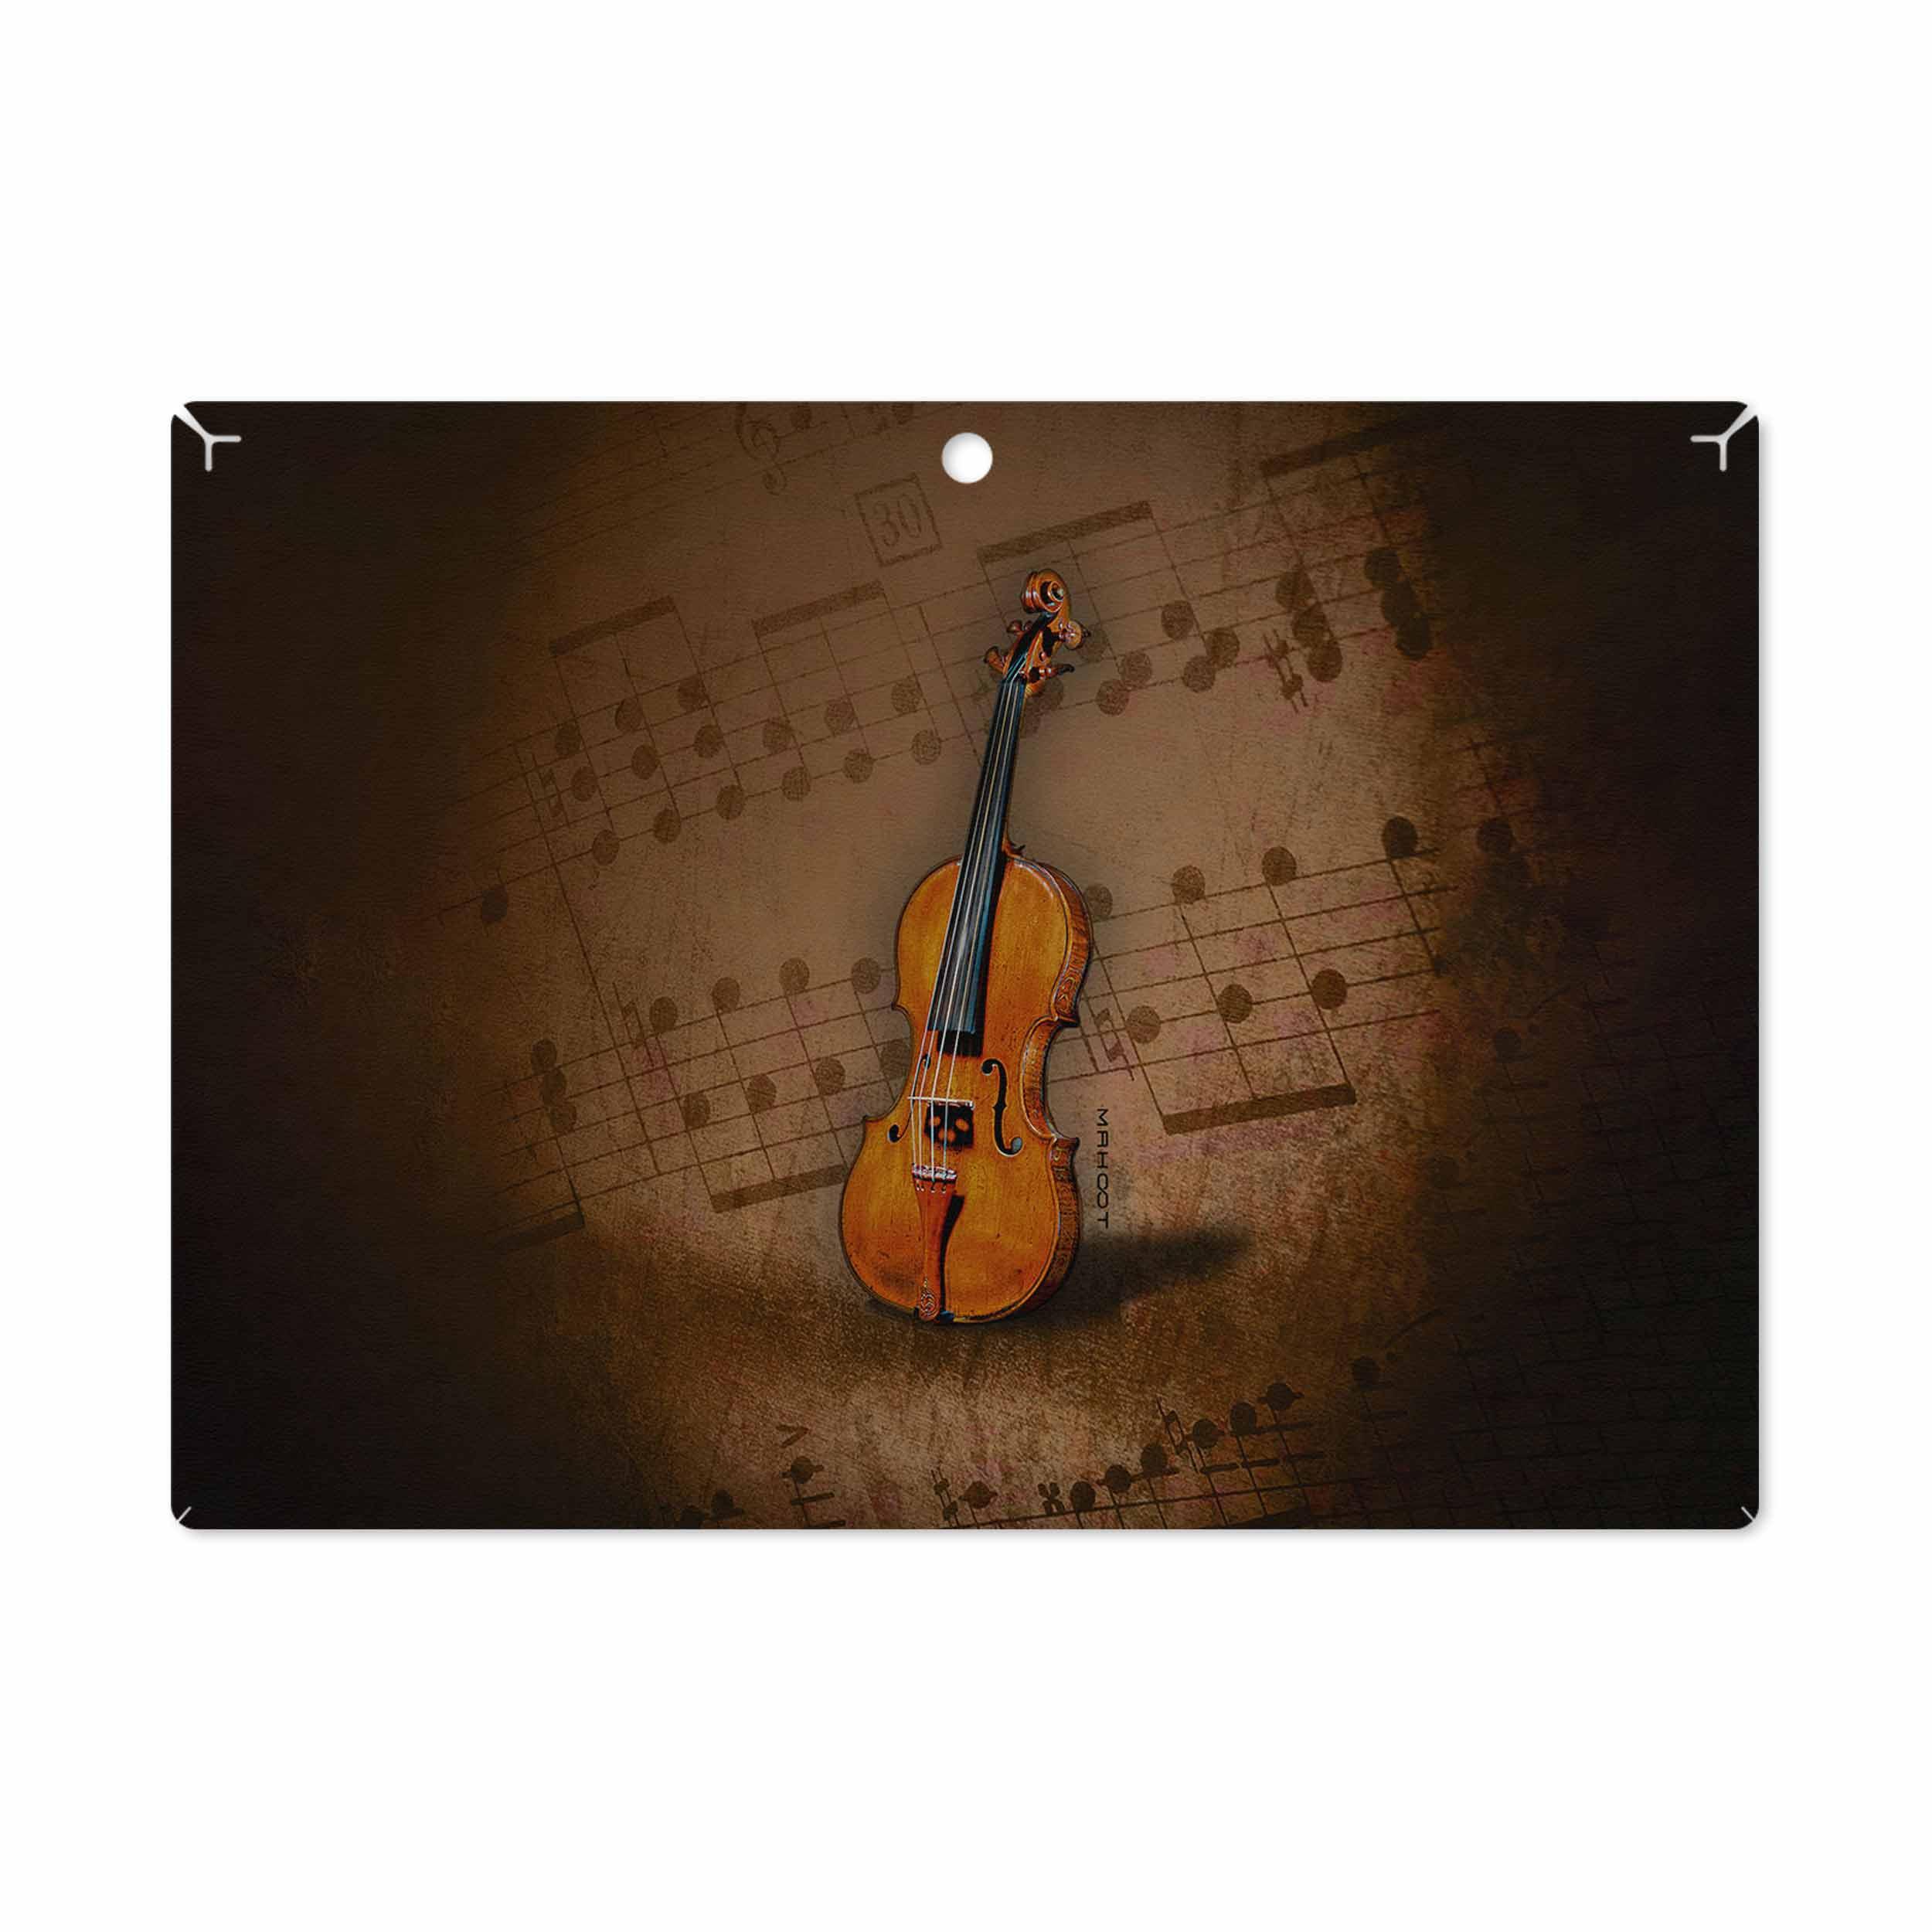 بررسی و خرید [با تخفیف]                                     برچسب پوششی ماهوت مدل Violin-Instrument مناسب برای تبلت لنوو Miix 320 2017                             اورجینال